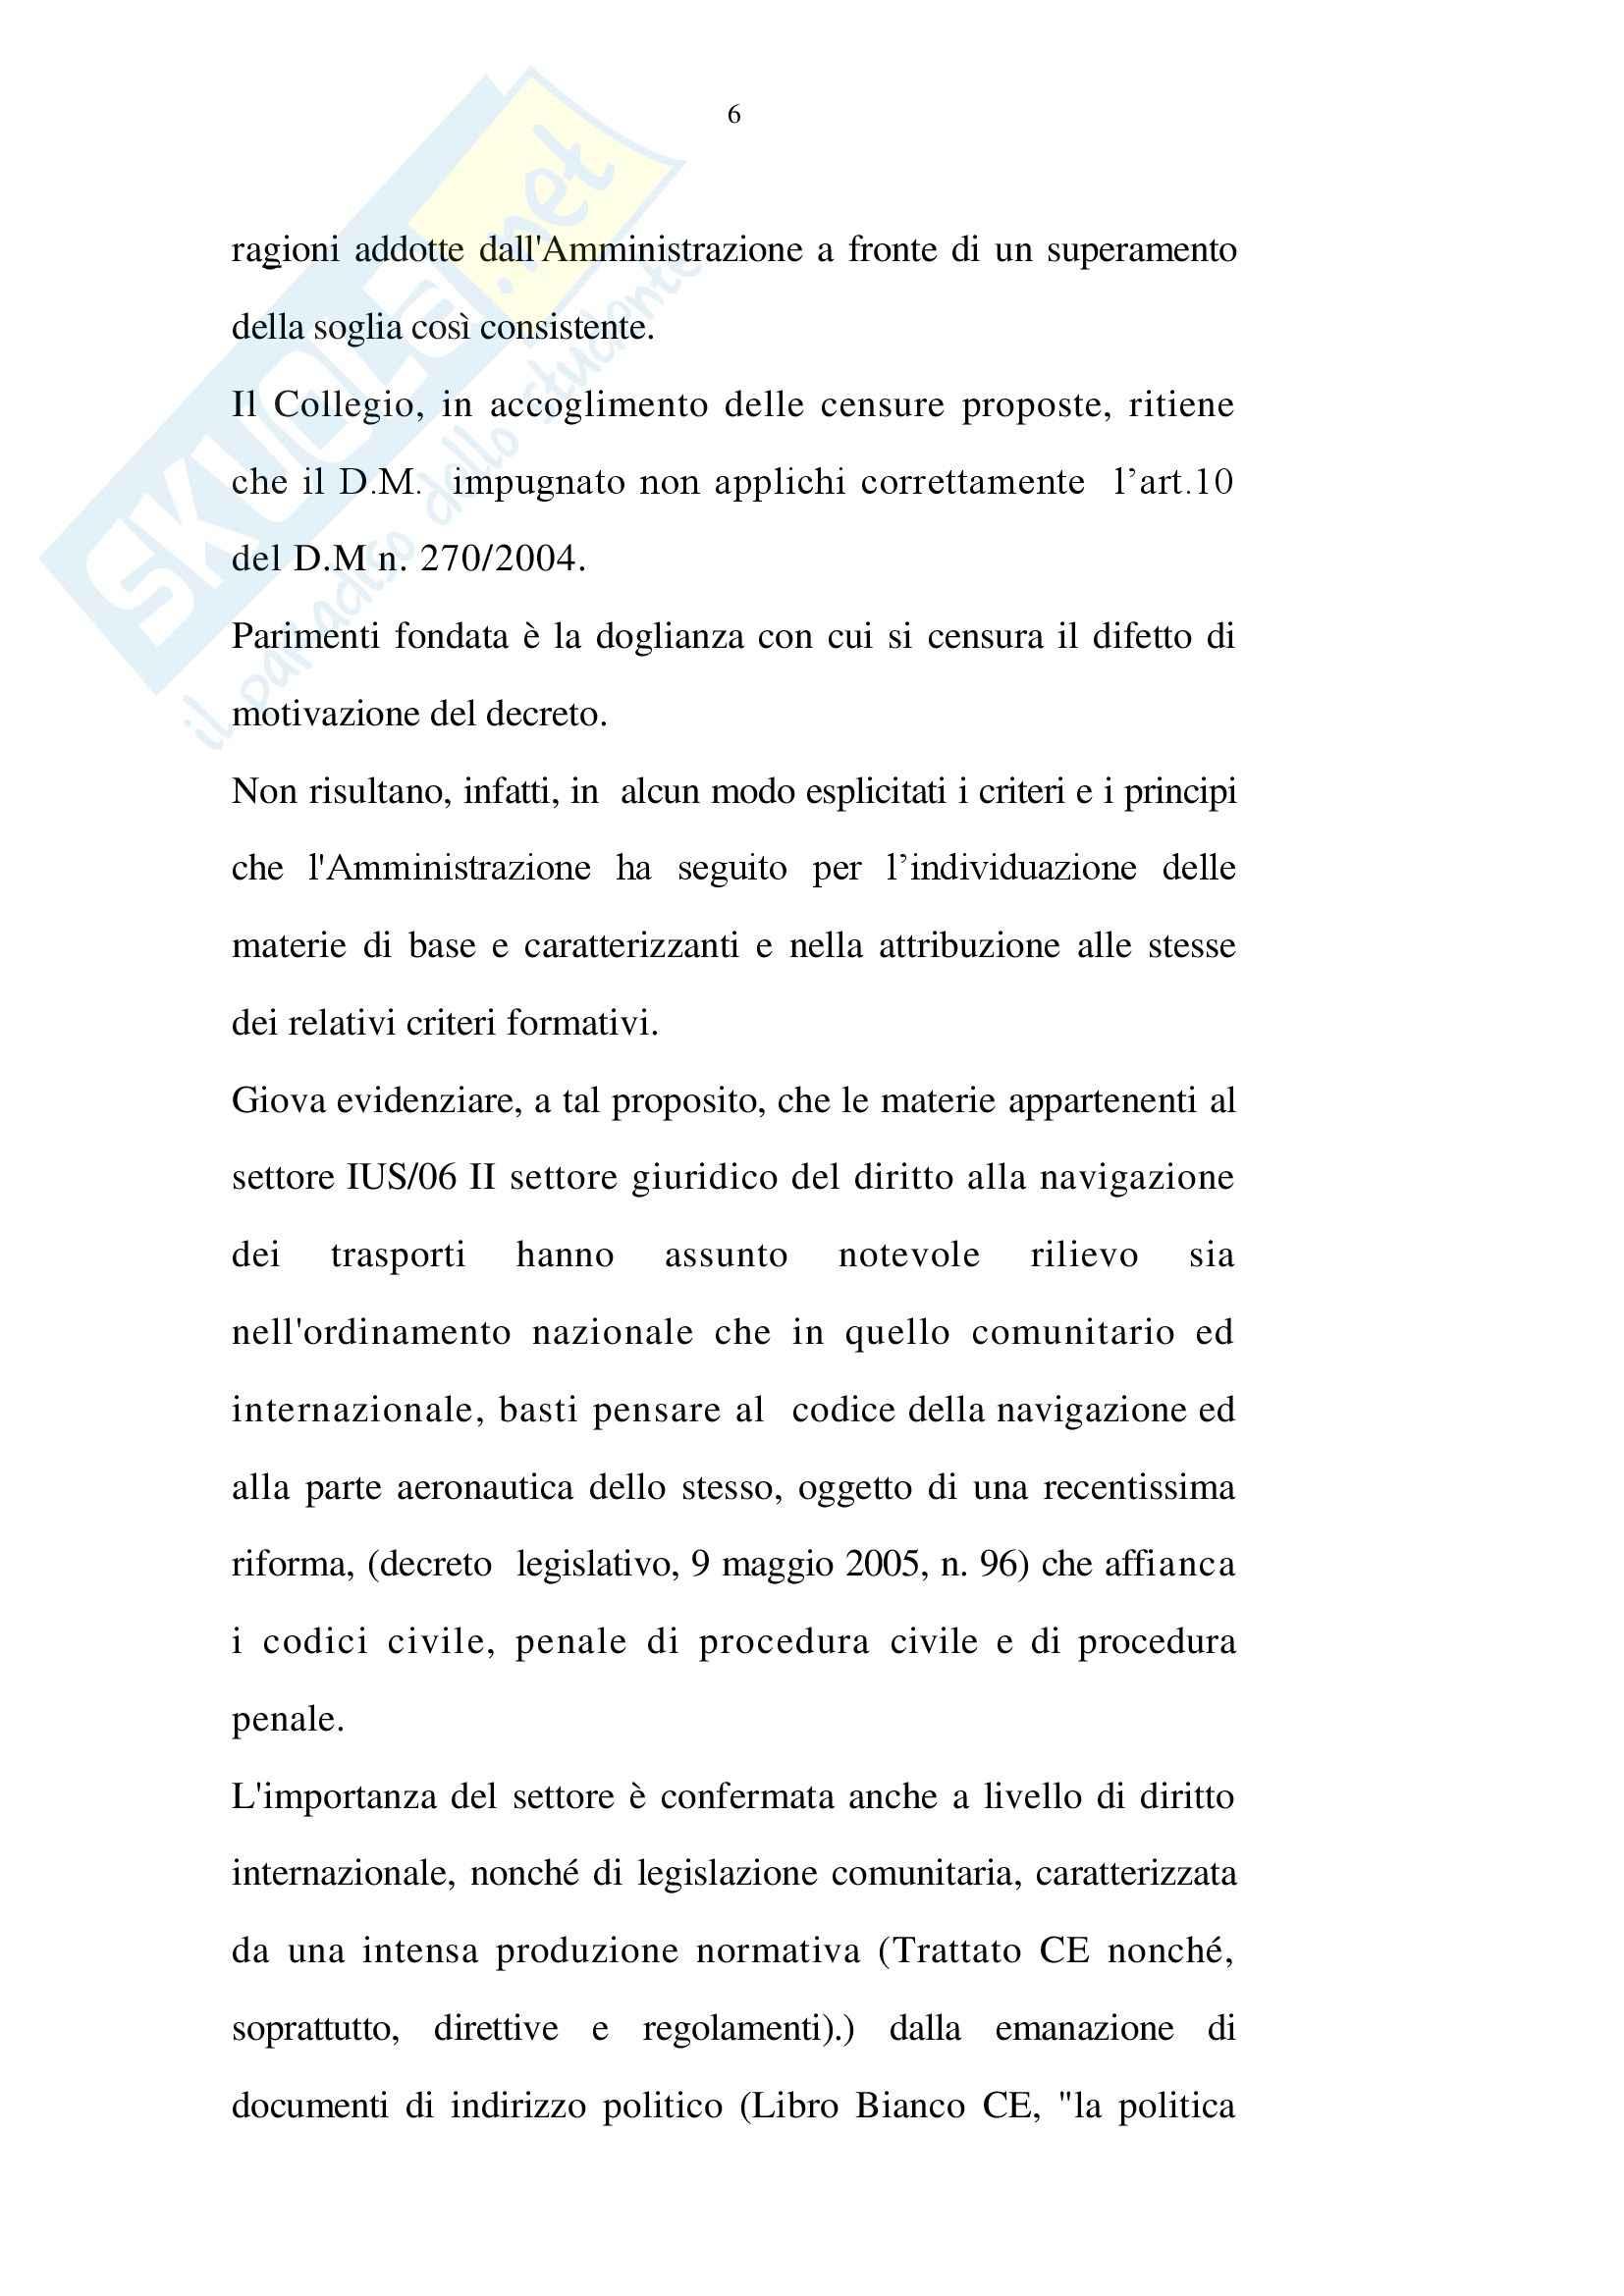 Diritto amministrativo -  Tribunale Amministrativo Regionale per il Lazio, Sezione III Pag. 6